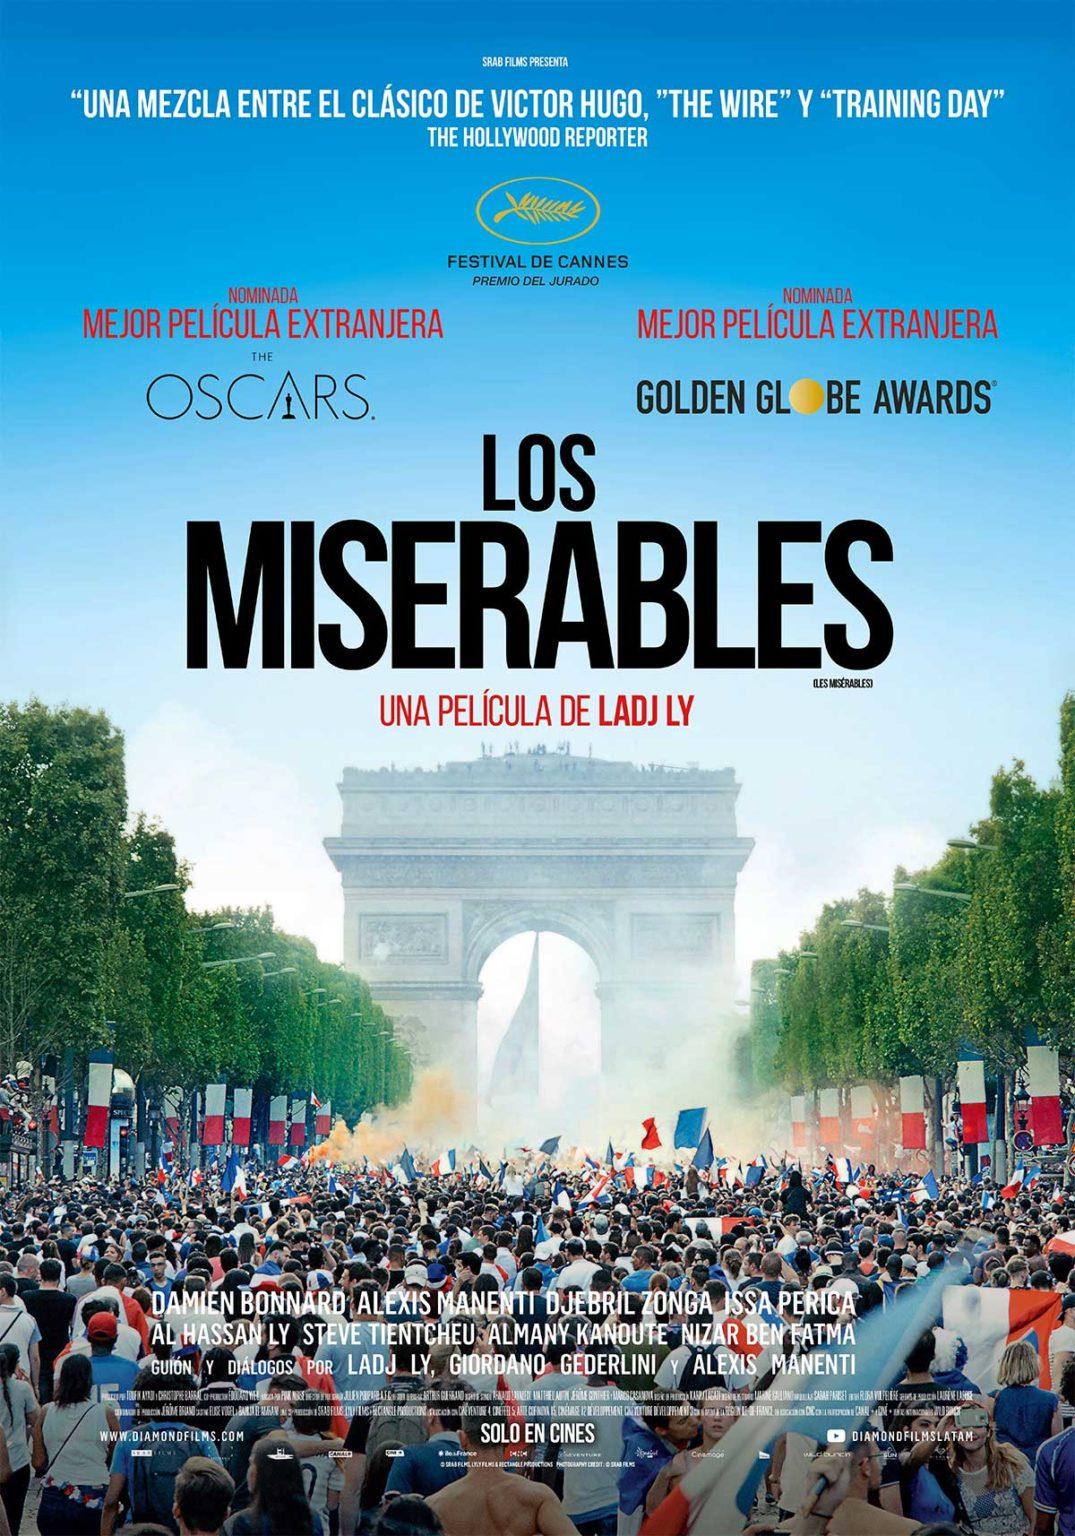 Les Misérables: La película francesa candidata al Oscar llega a los cines argentinos